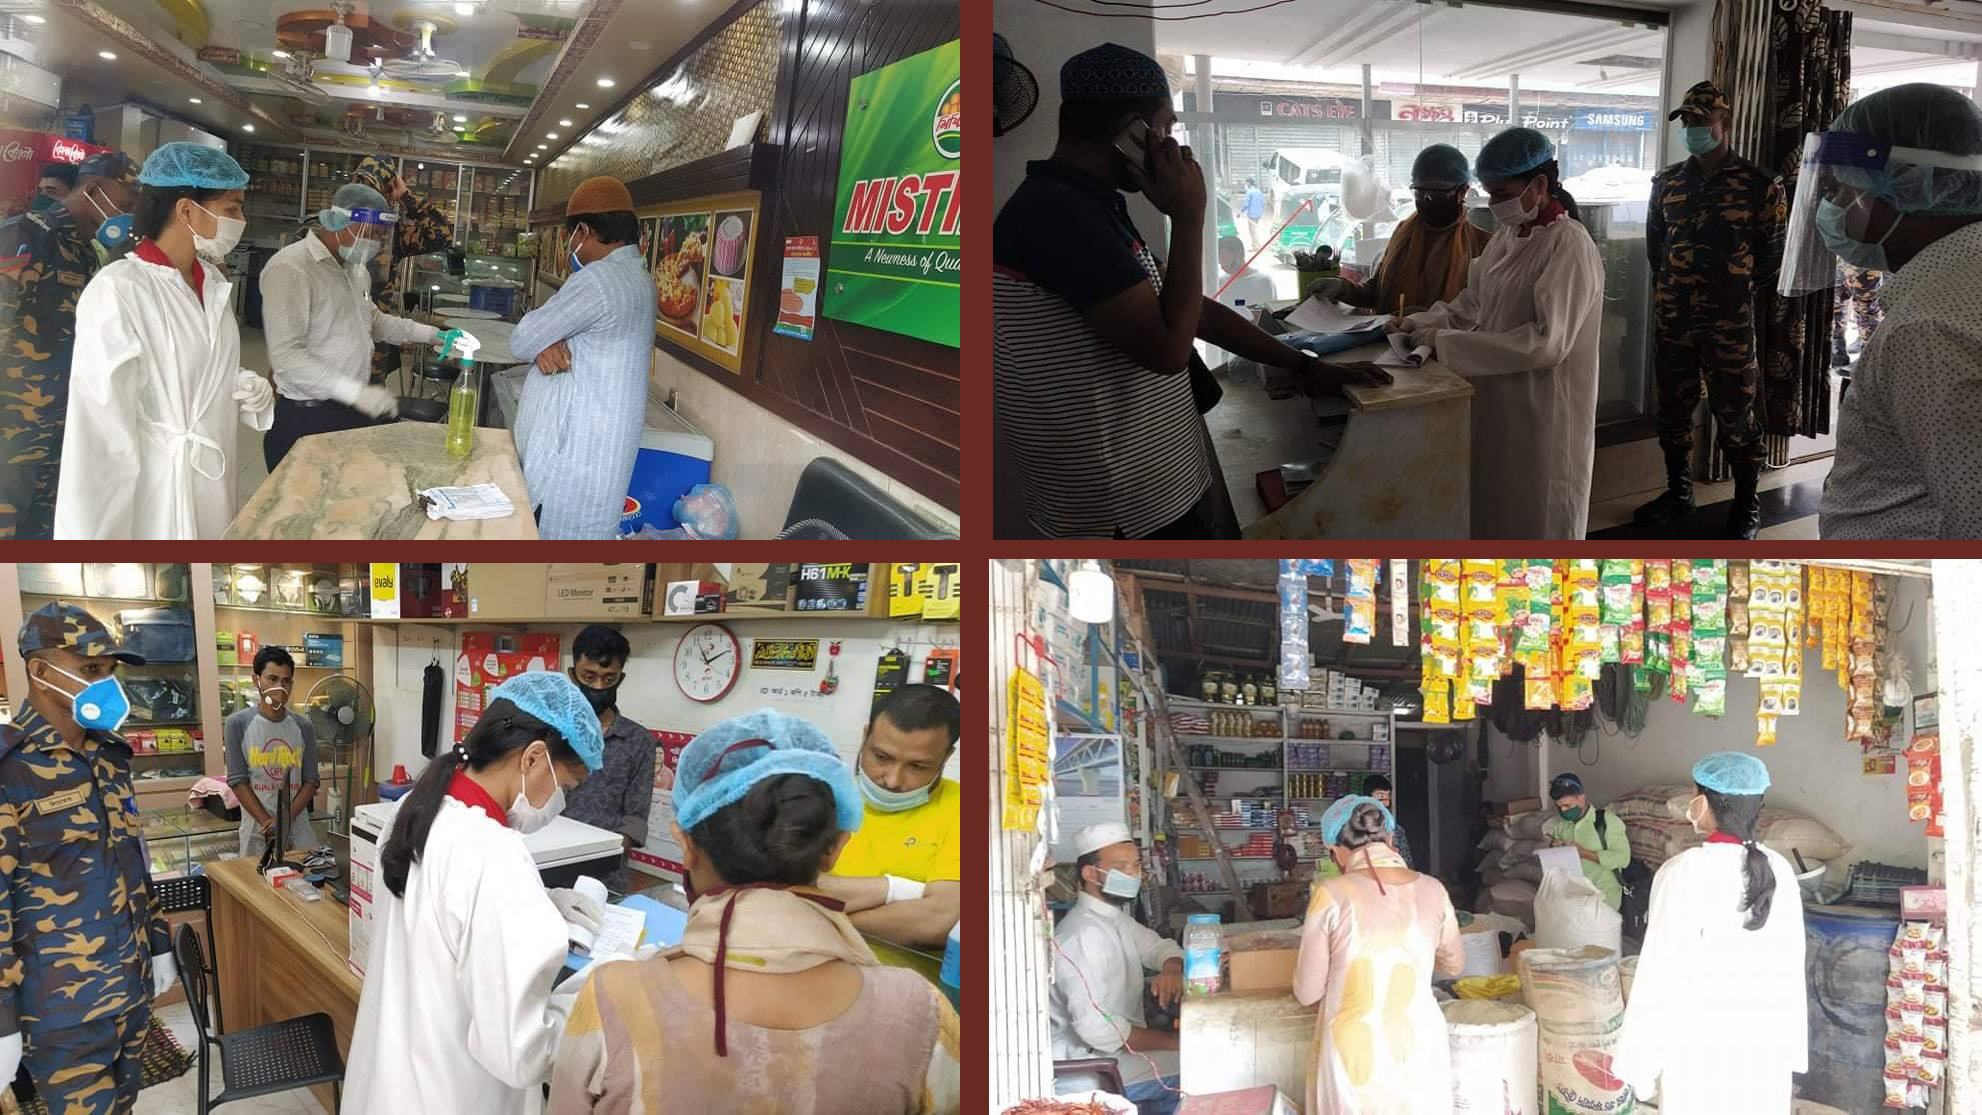 কক্সবাজার শহরে মোবাইল কোর্ট'র অভিযান : মাস্ক, গ্লাভস ব্যবহার না করায় জরিমানা